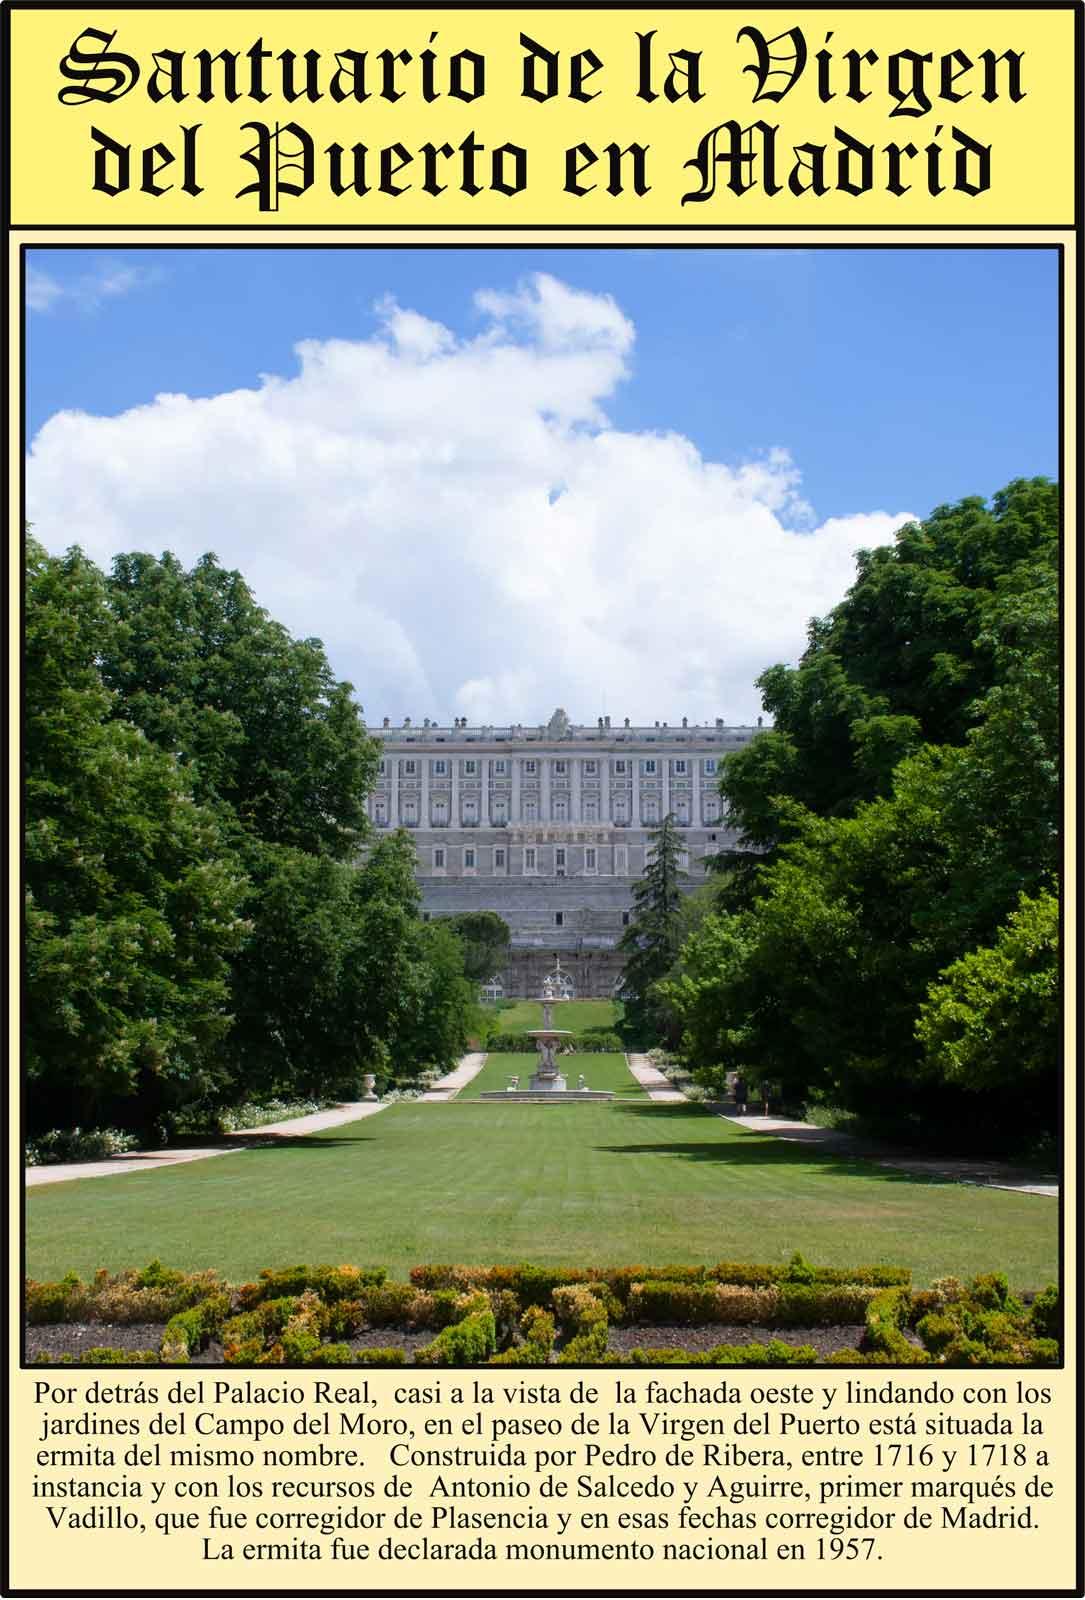 Palacio Real Jardines Campo del Moro Virgen del Puerto